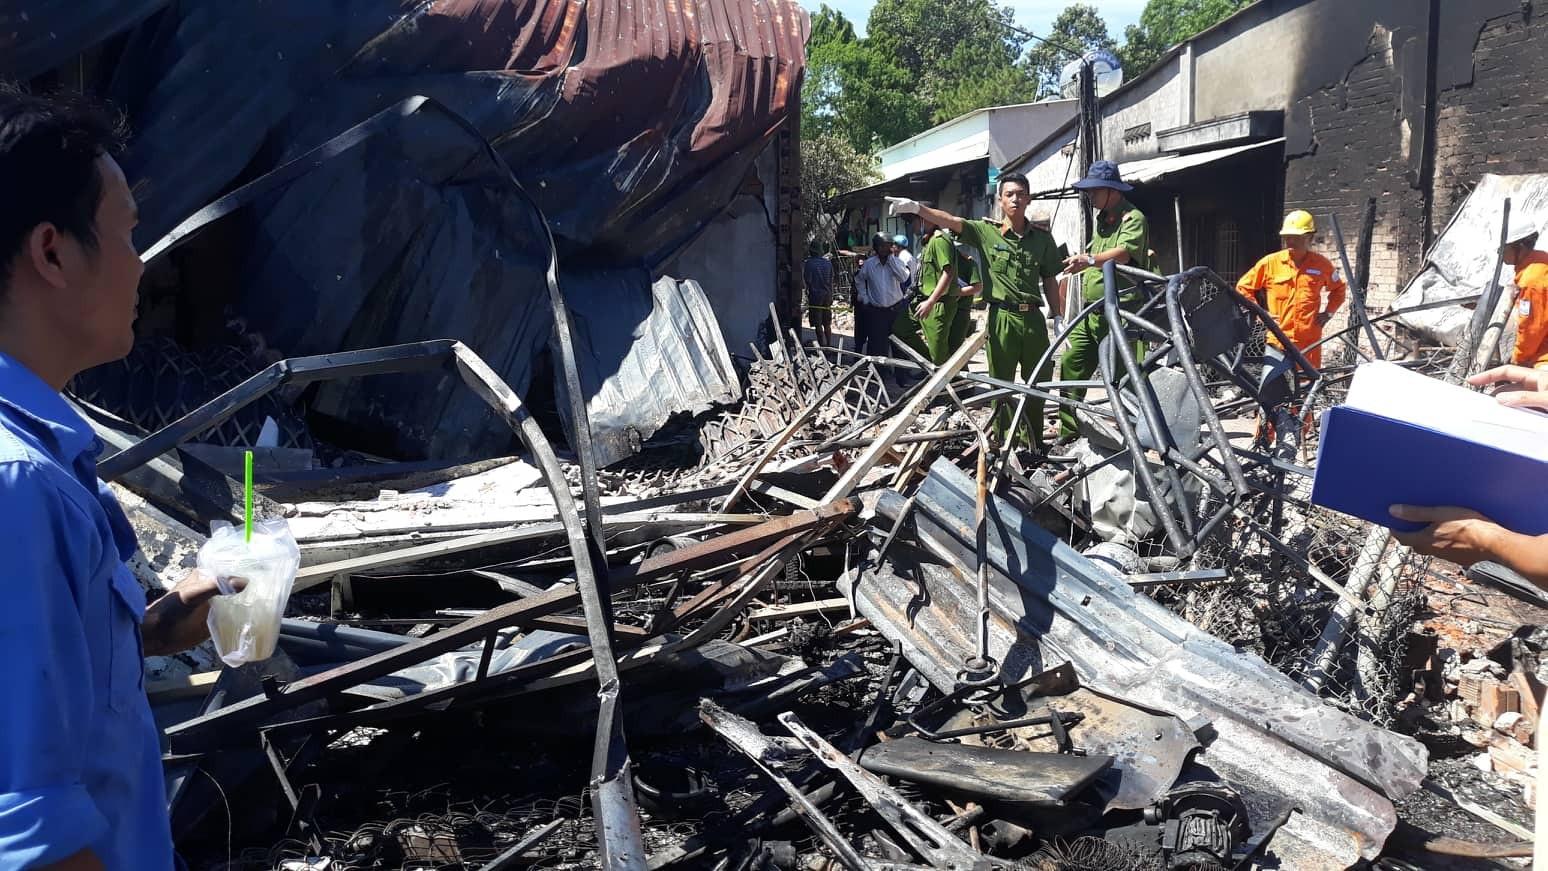 Người đàn ông bán trái cây mất cả vợ và 2 con trong đám cháy 19 căn nhà - Ảnh 3.